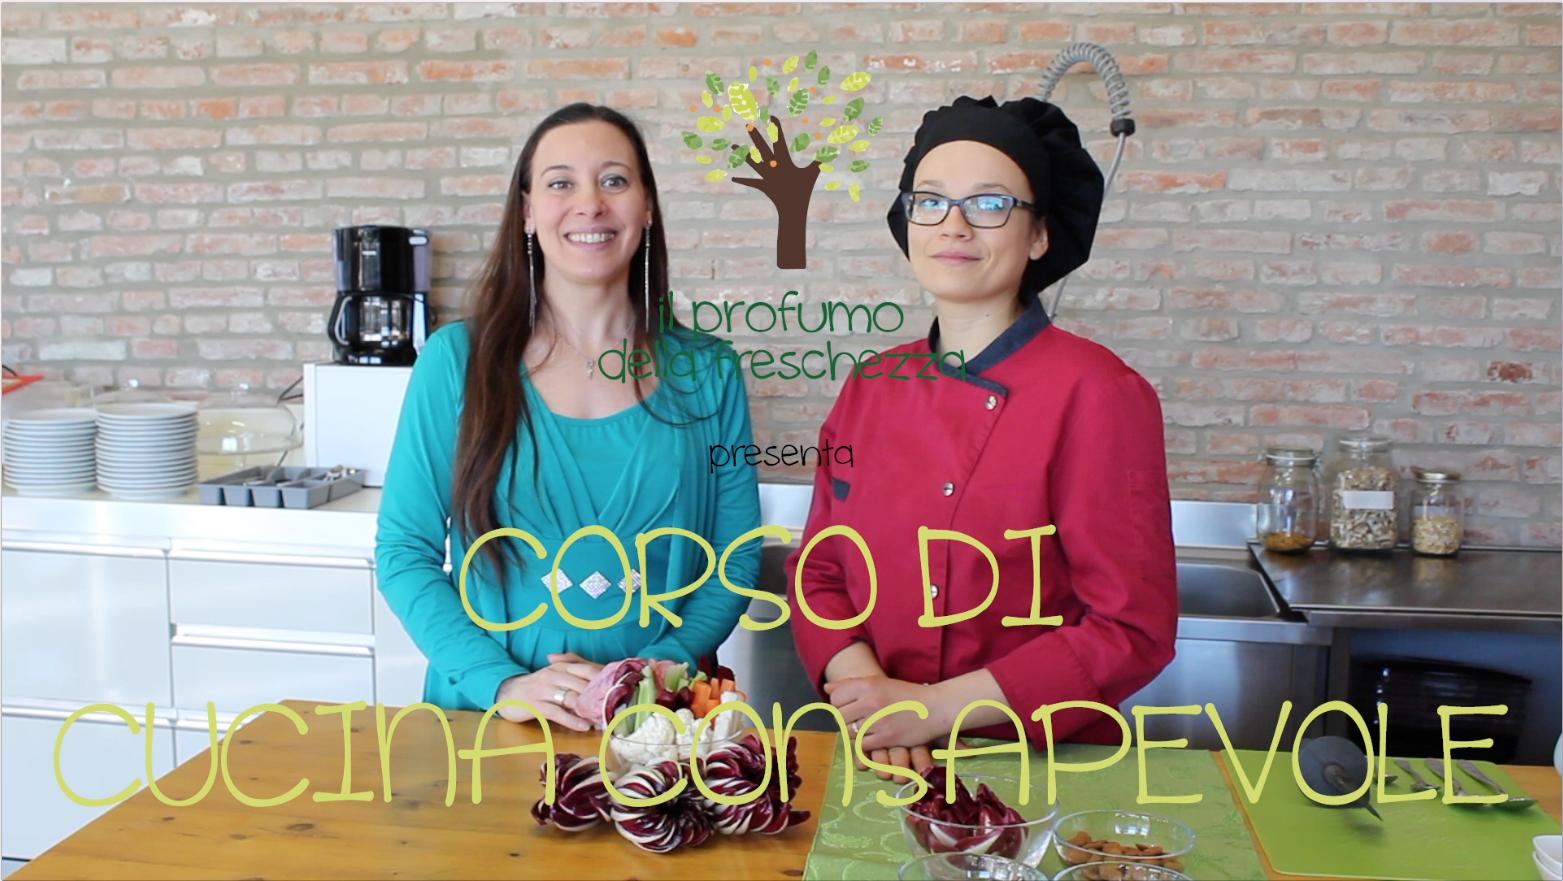 Grandi novit per i nuovi corsi di cucina vegana il - Corsi di cucina gratuiti bologna ...